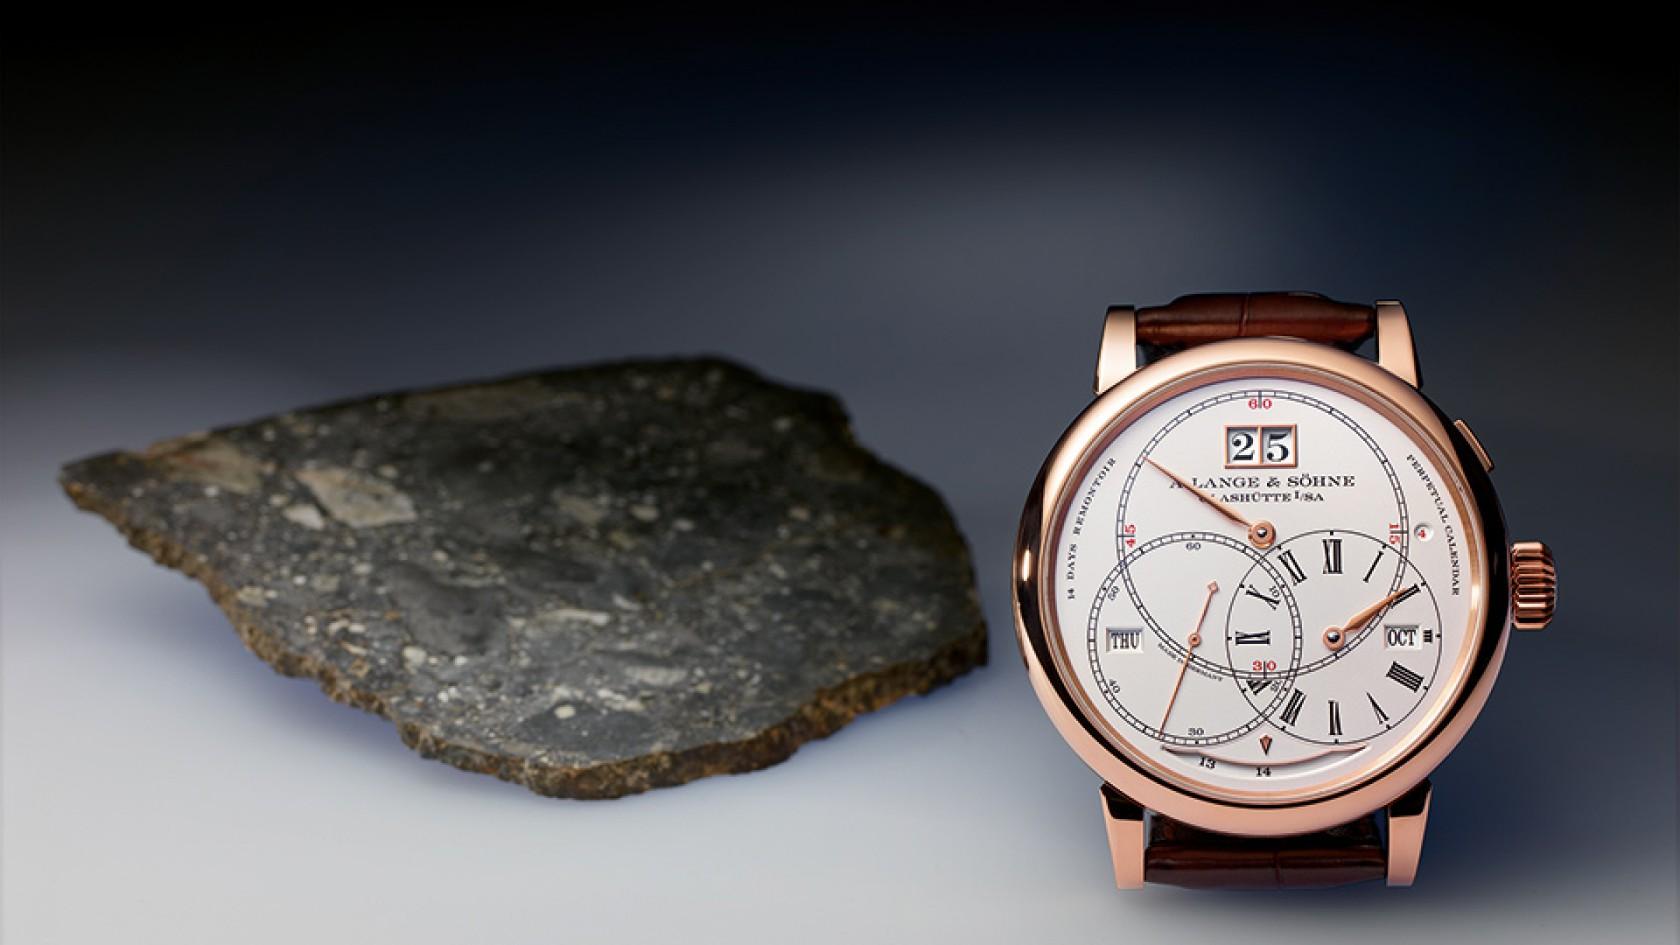 SetWidth1680-ALS-180-032-Lunar-Meteorite-01-a6-hi2[1]